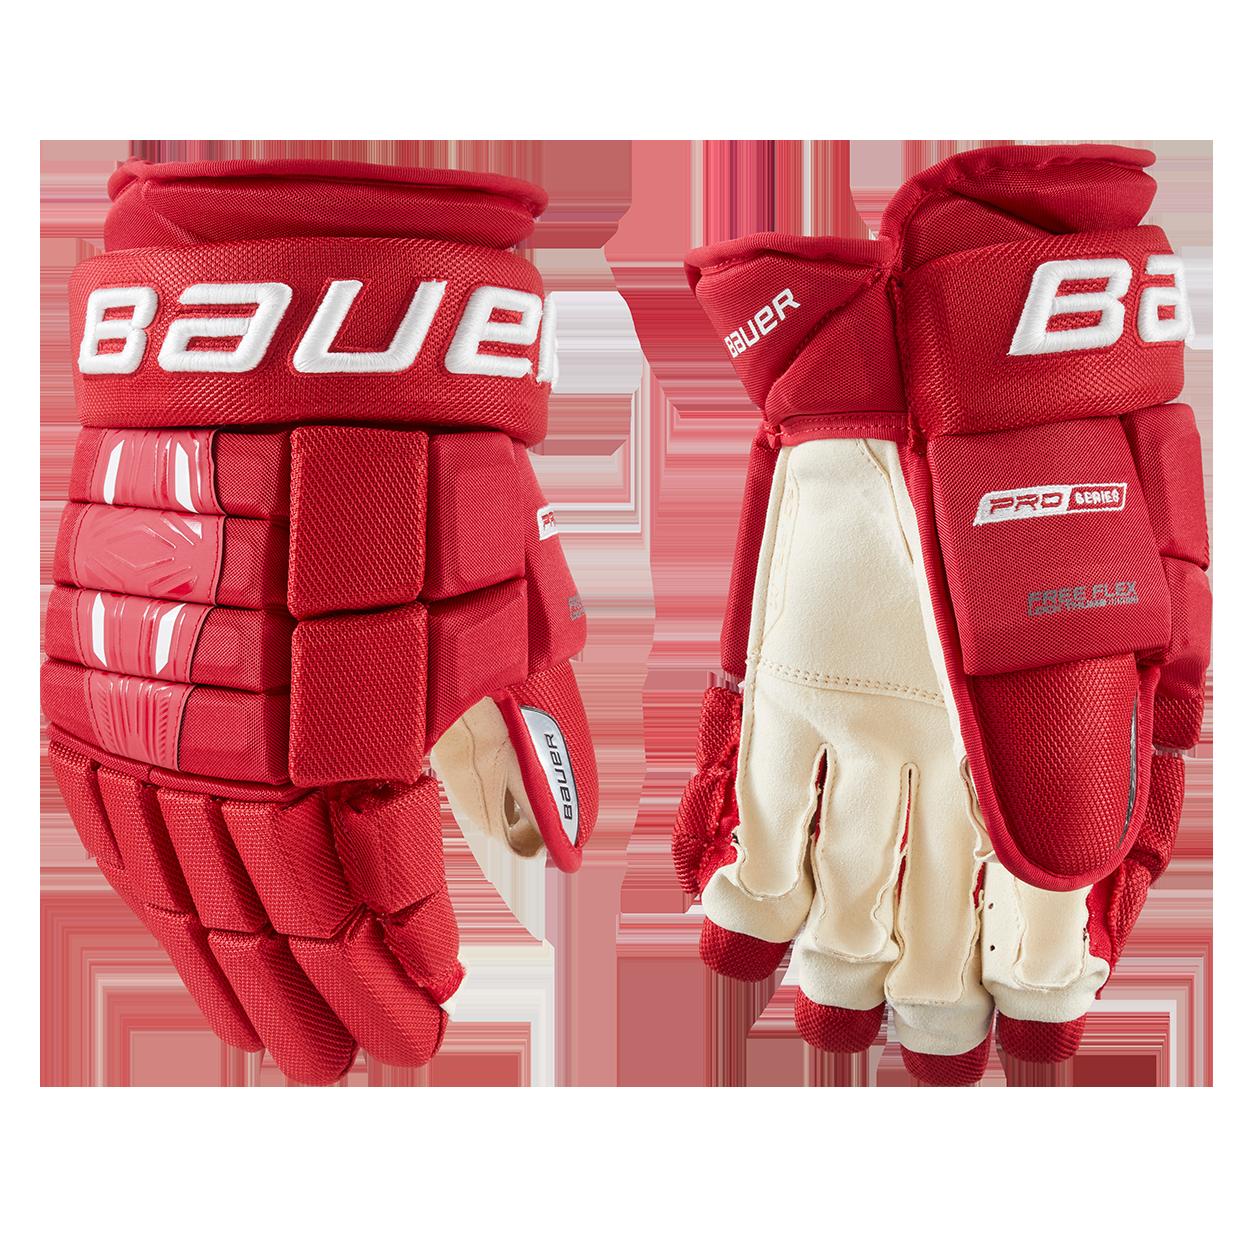 BAUER PRO SERIES Glove Intermediate